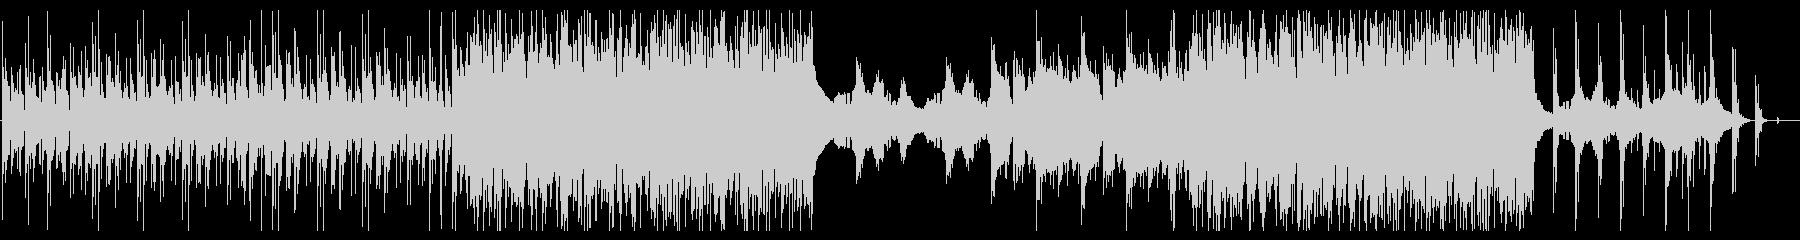 追跡の未再生の波形